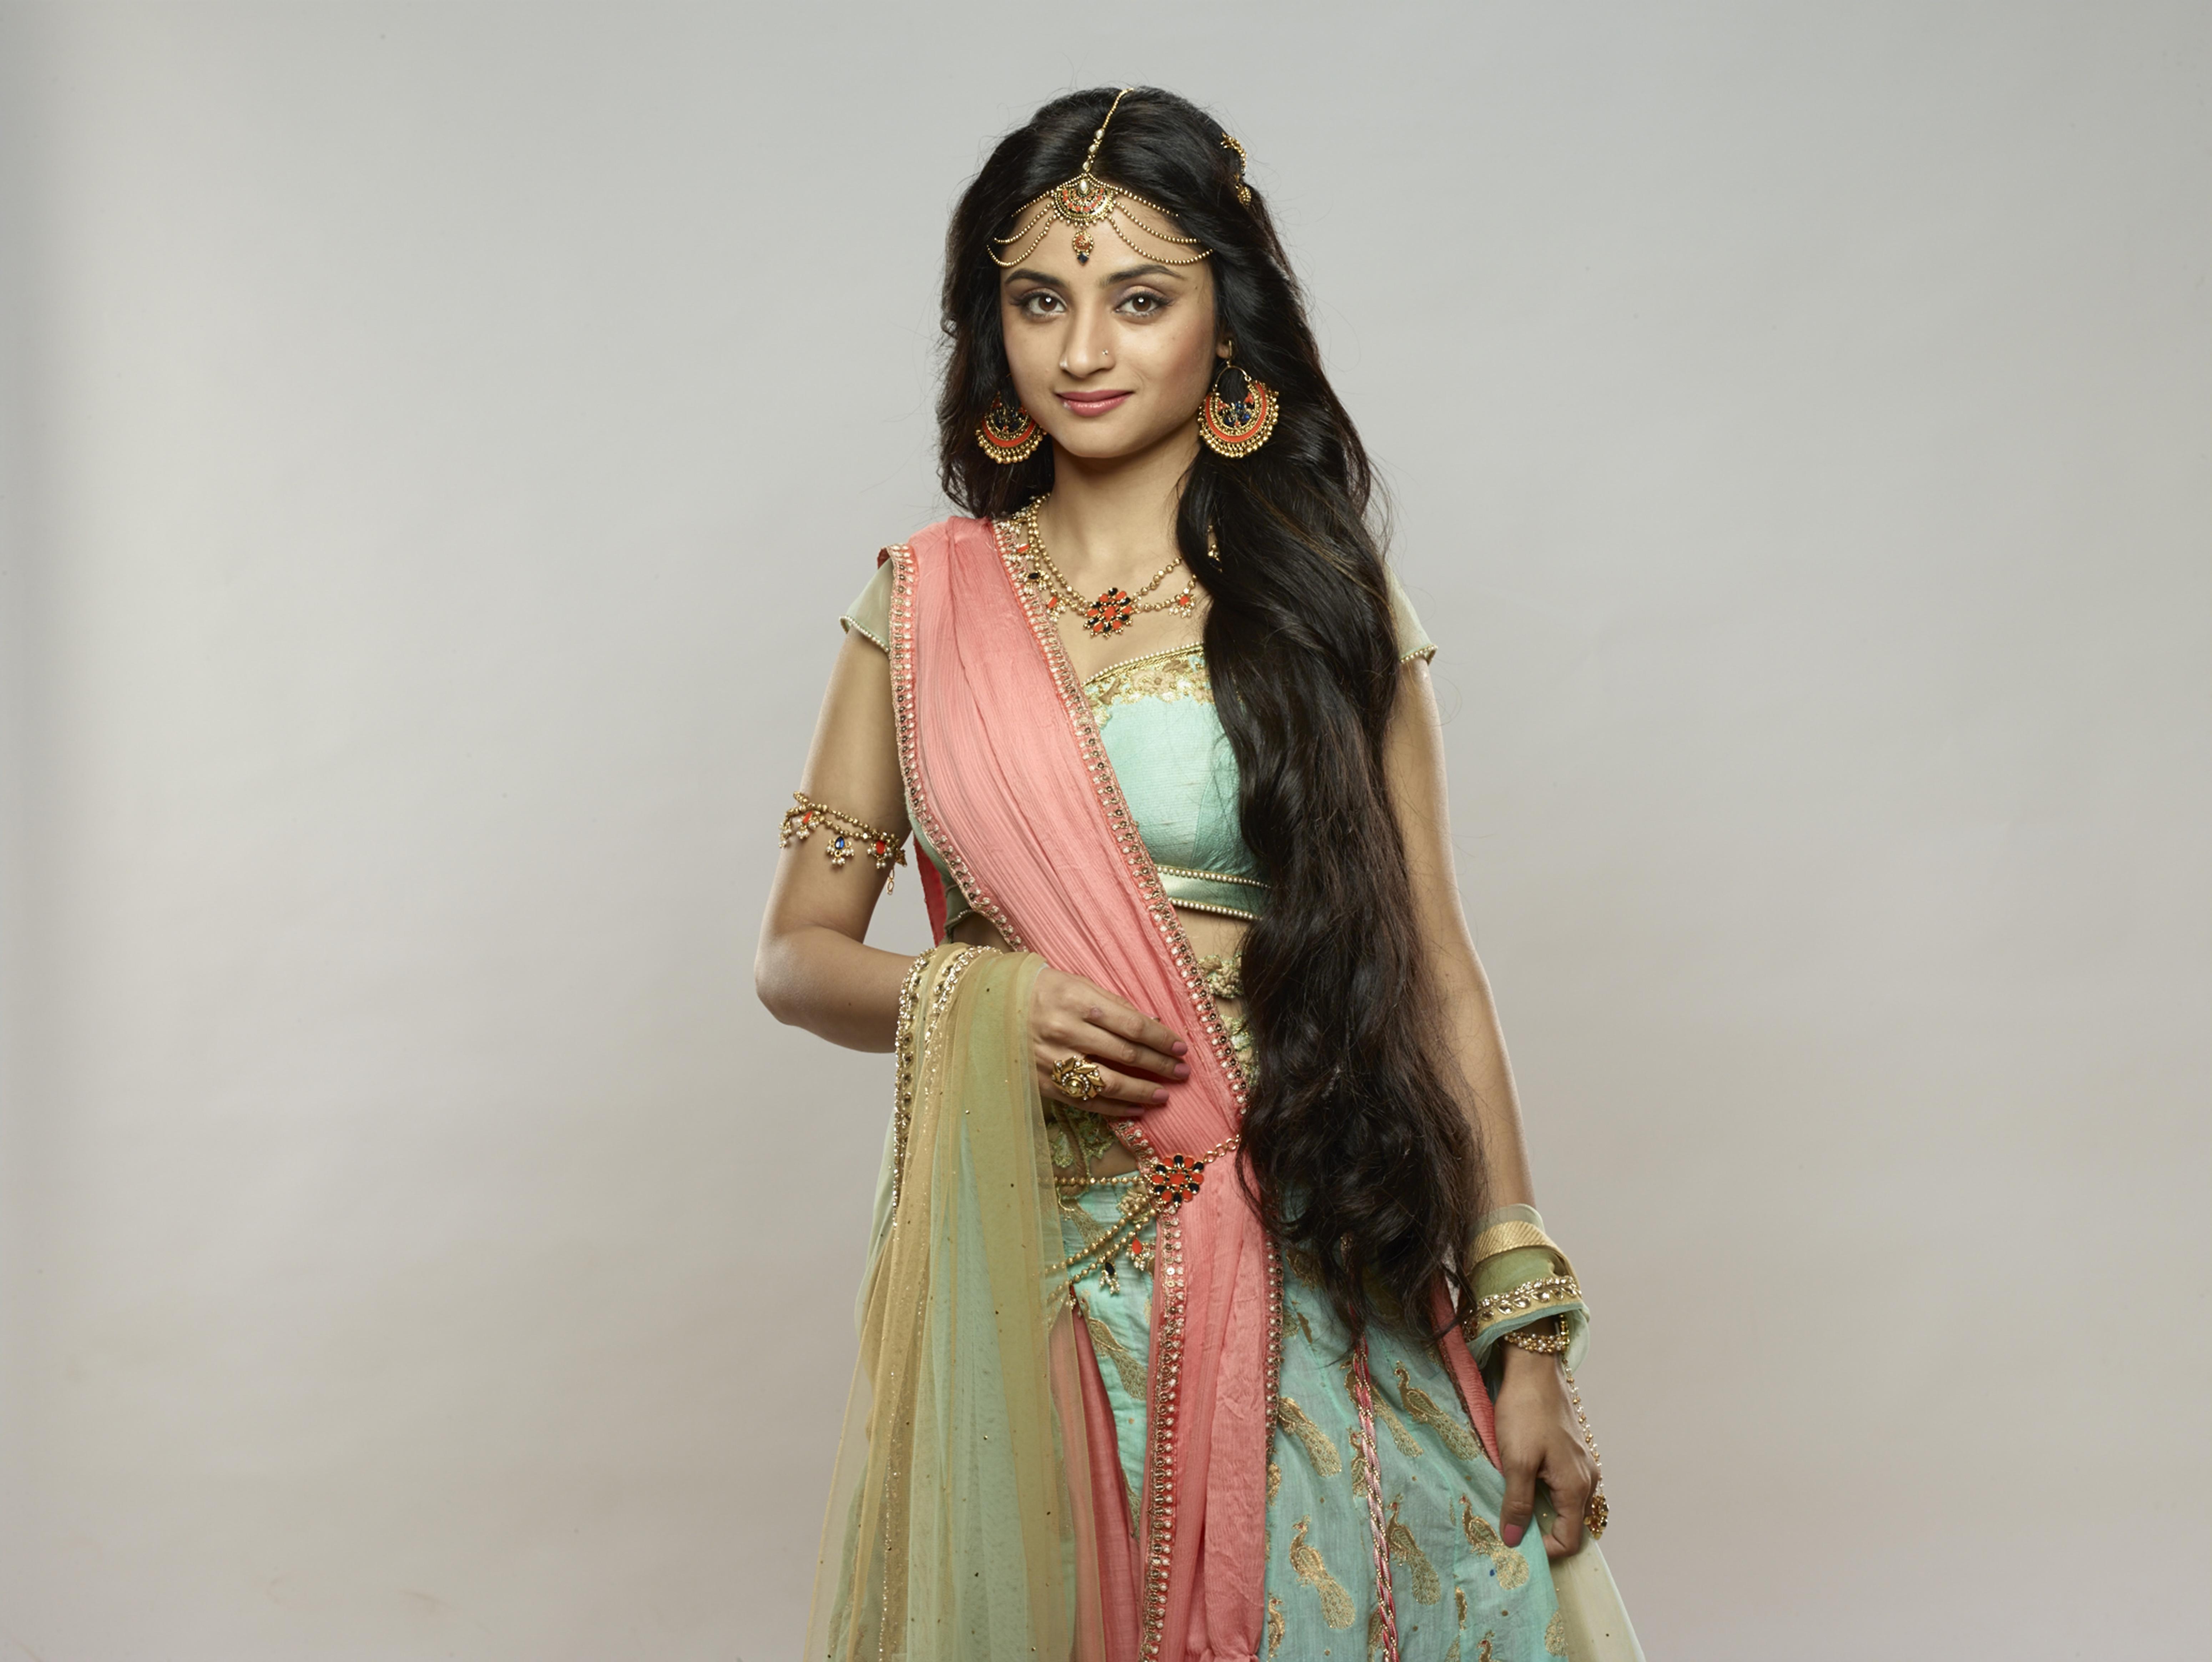 Madirakshi as Sita